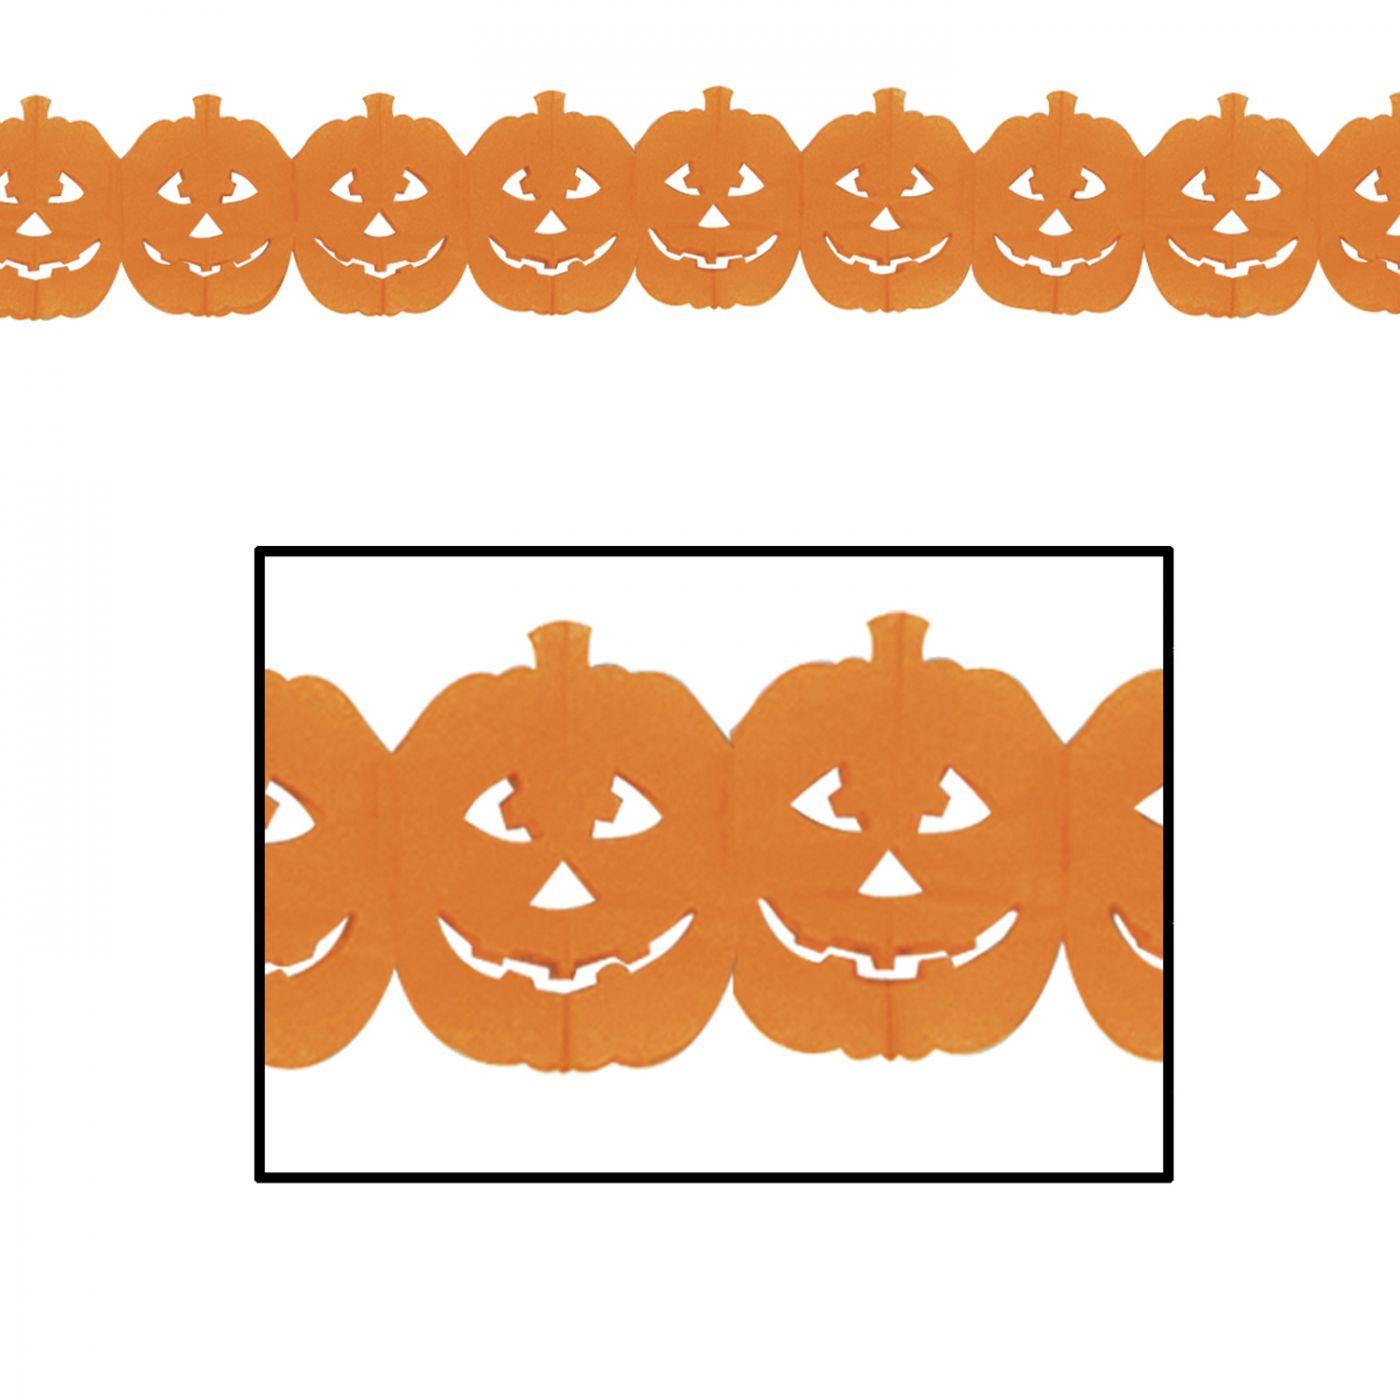 Jack-O-Lantern Garland image